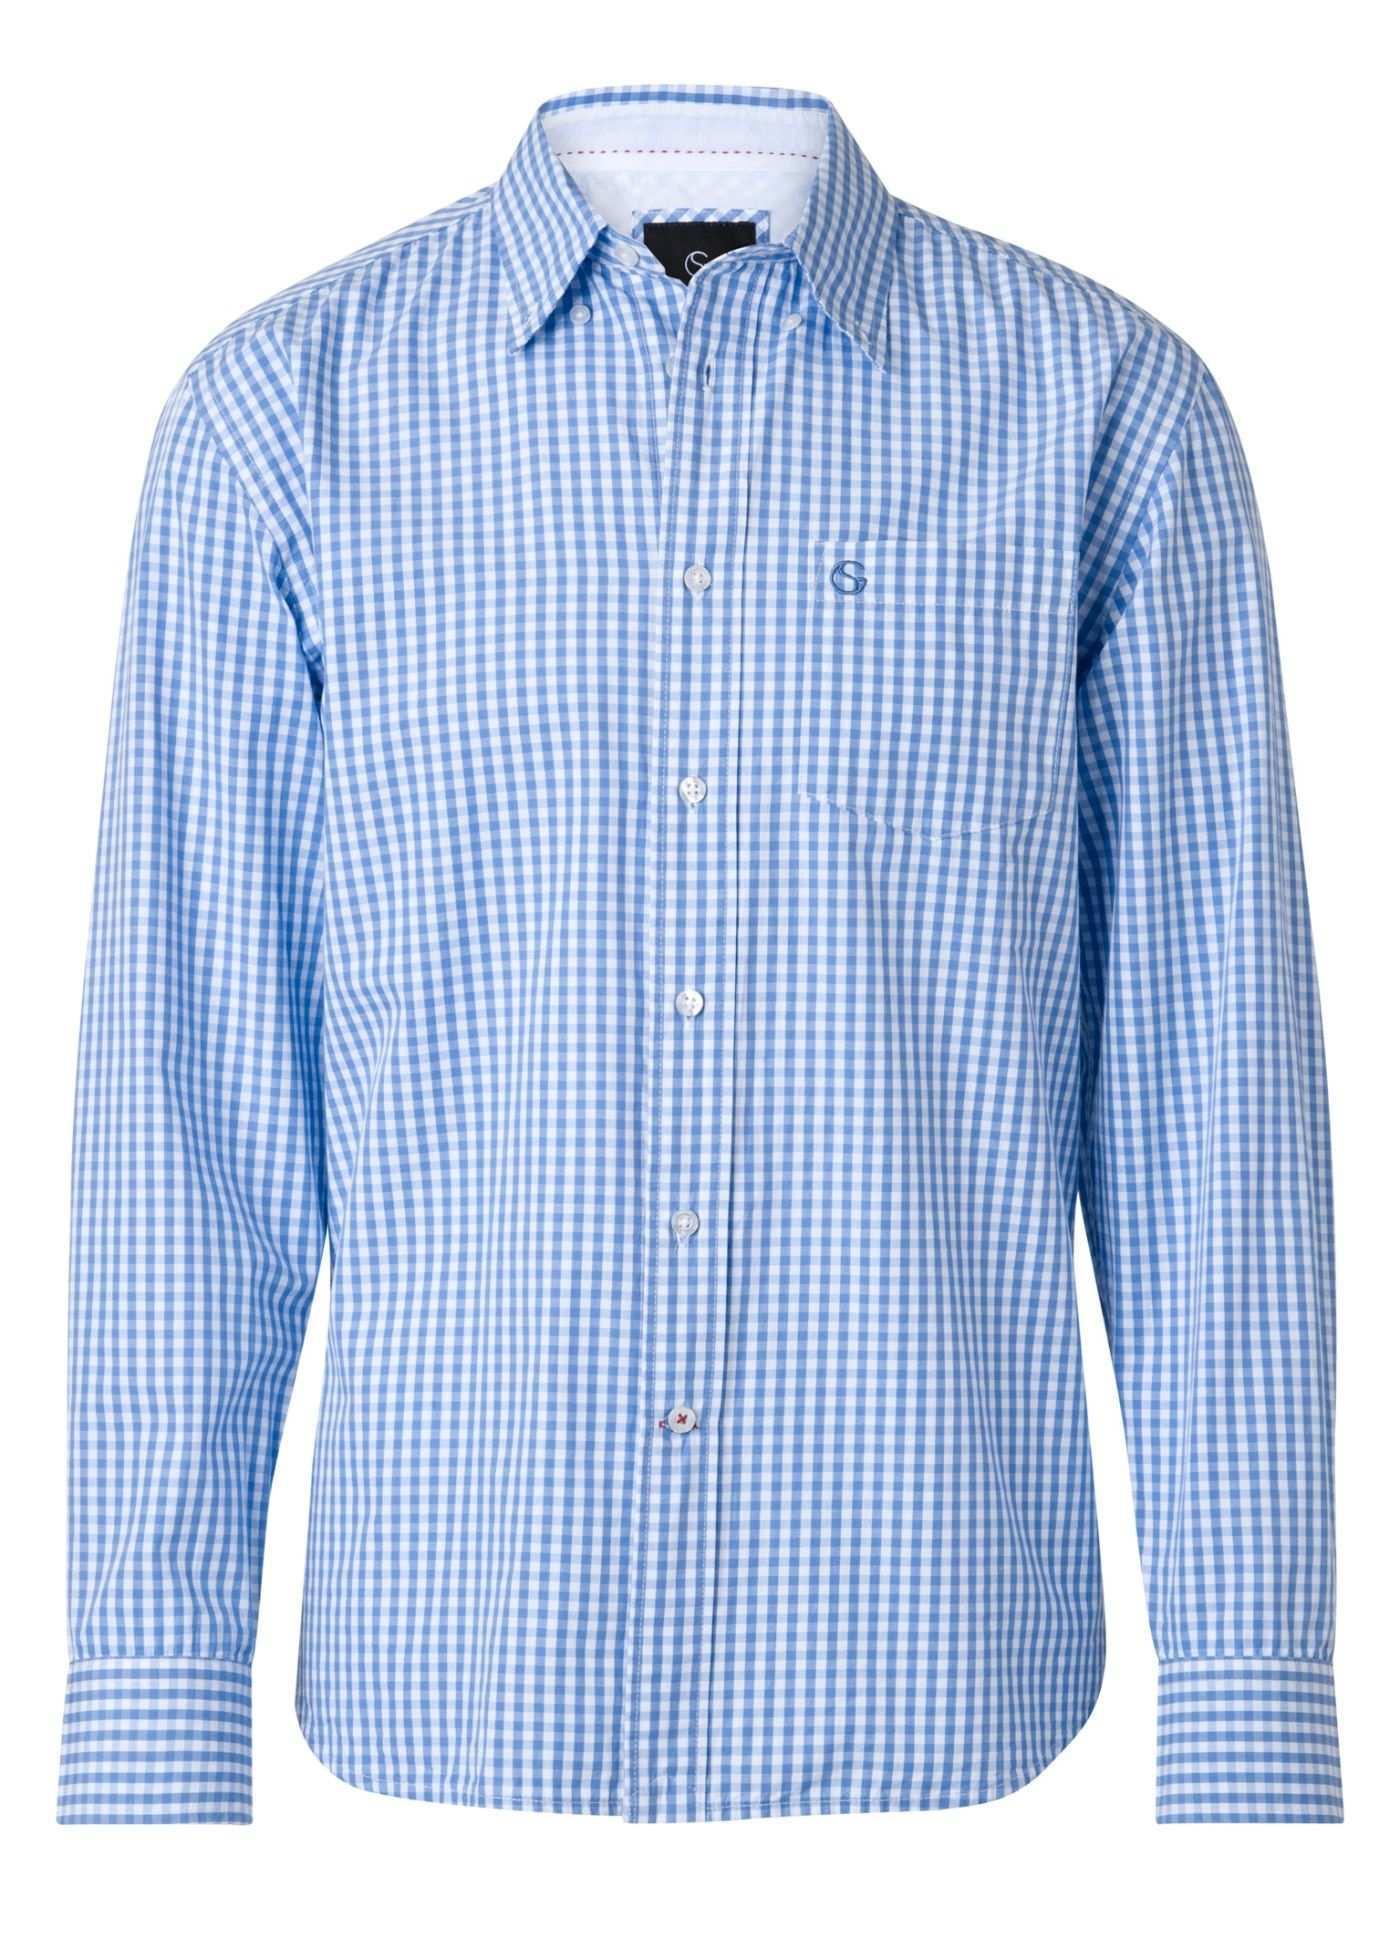 Gentlemen Selection Men S Fashion Kariertes Langarmhemd Hse24 Clothing Shirt Hemd Herren Mode Mode